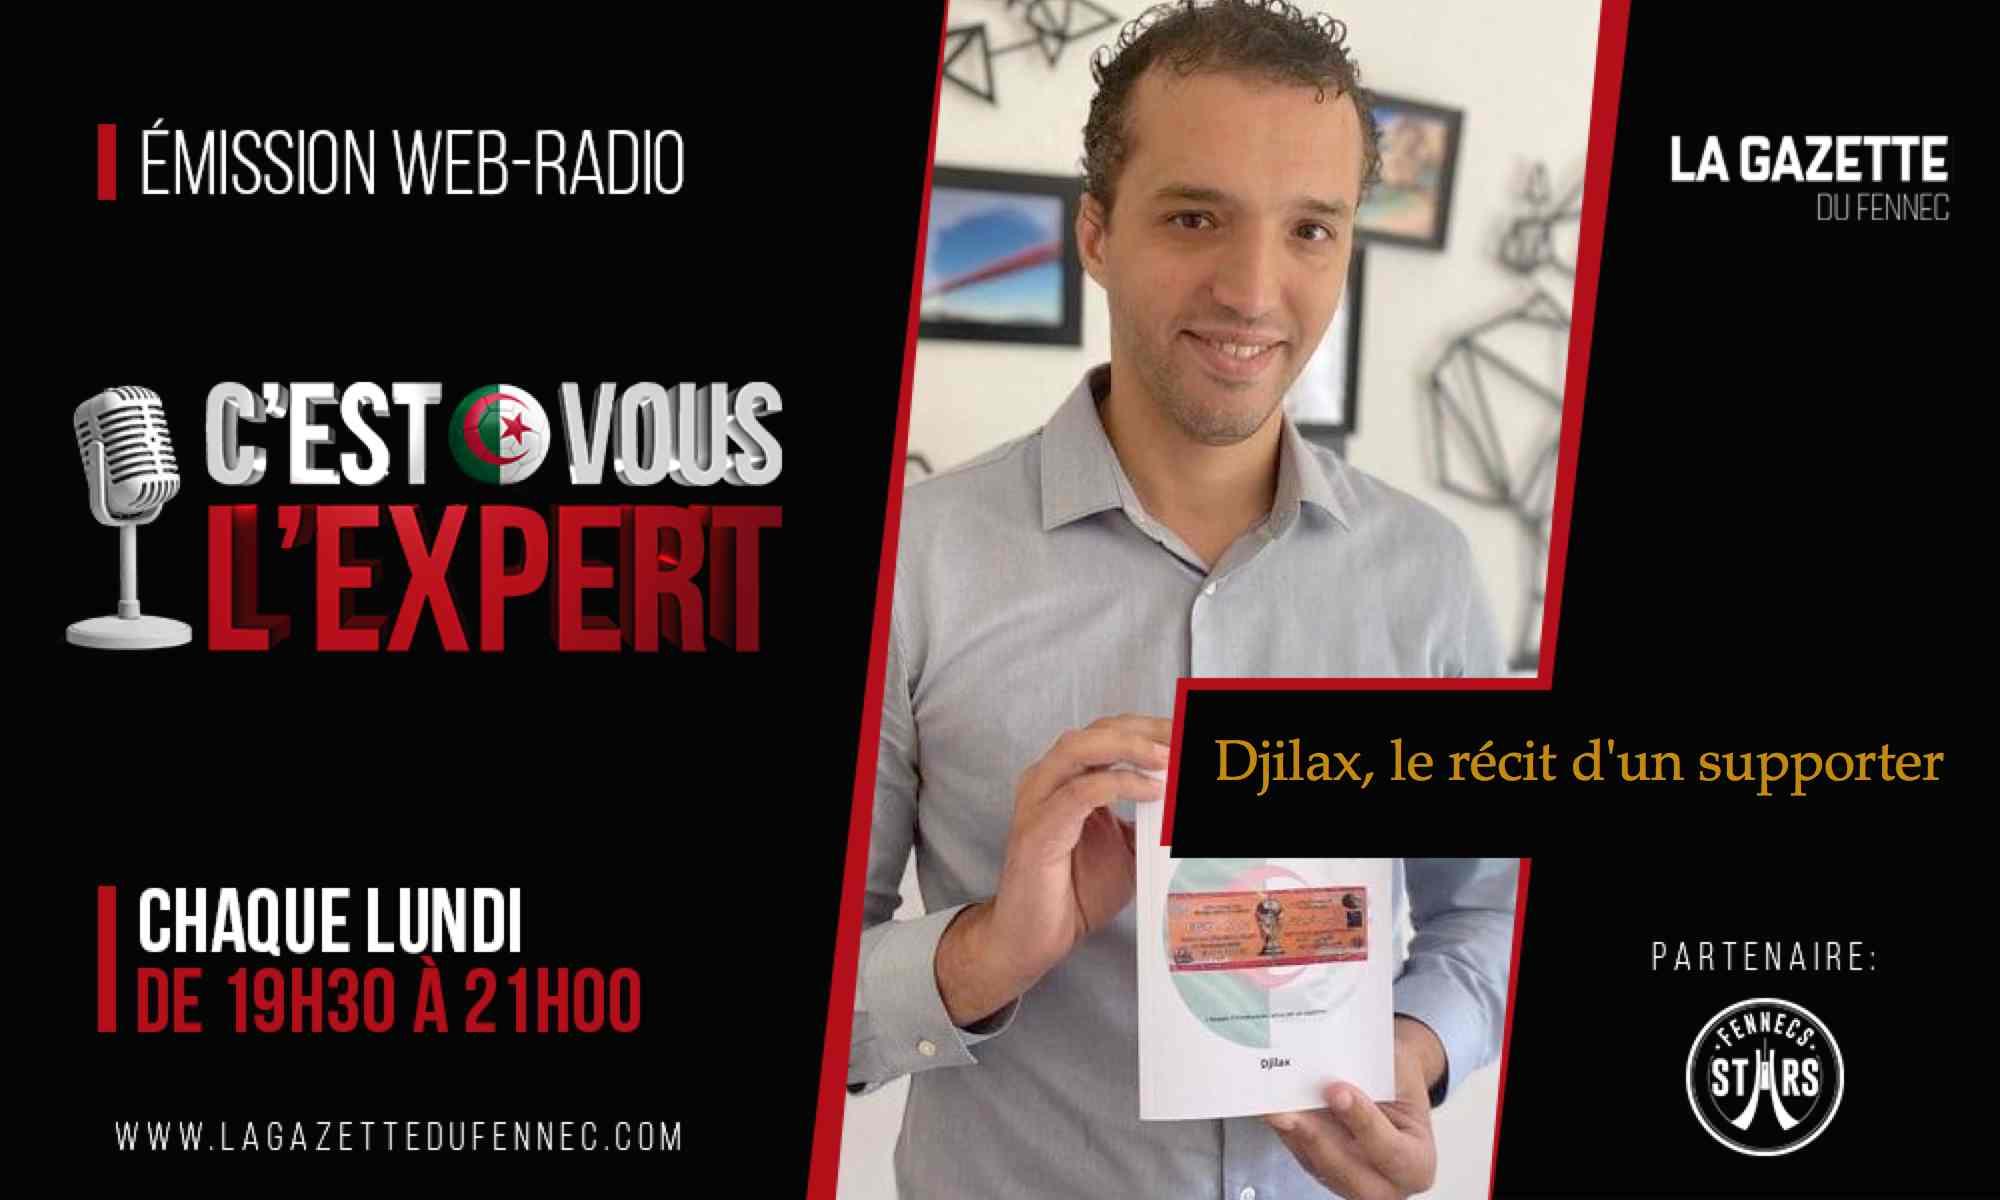 djilax expert invit